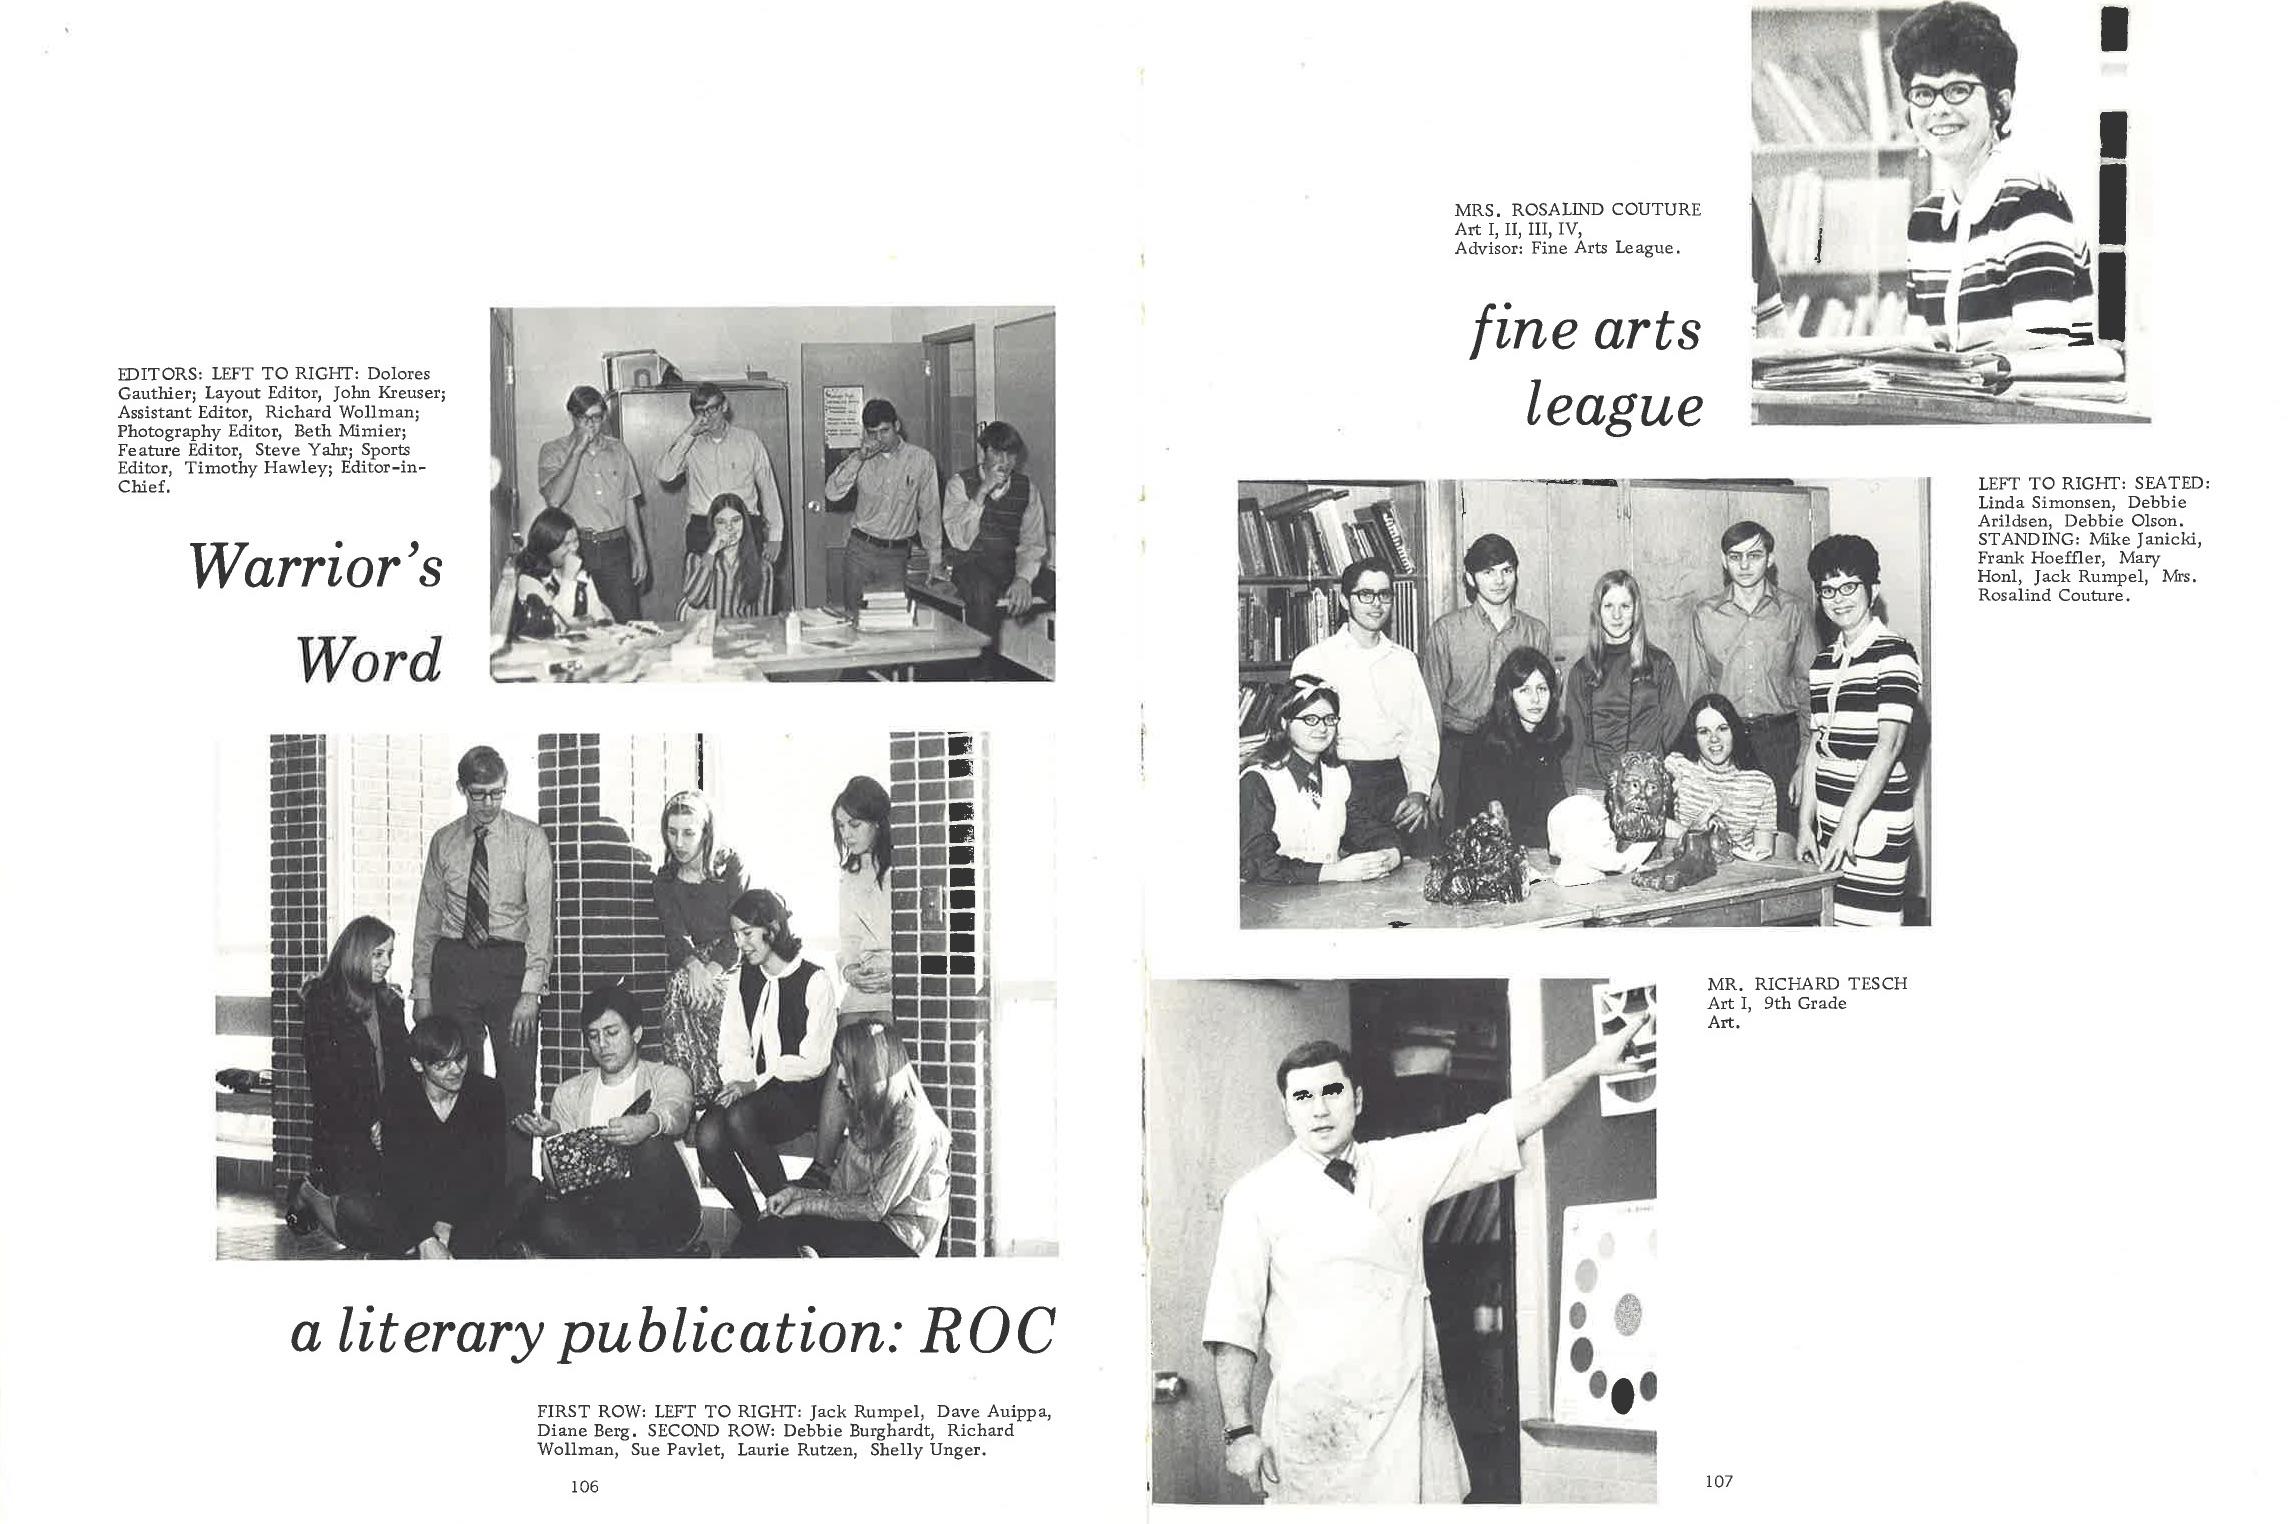 1971_Yearbook_106-107.jpg